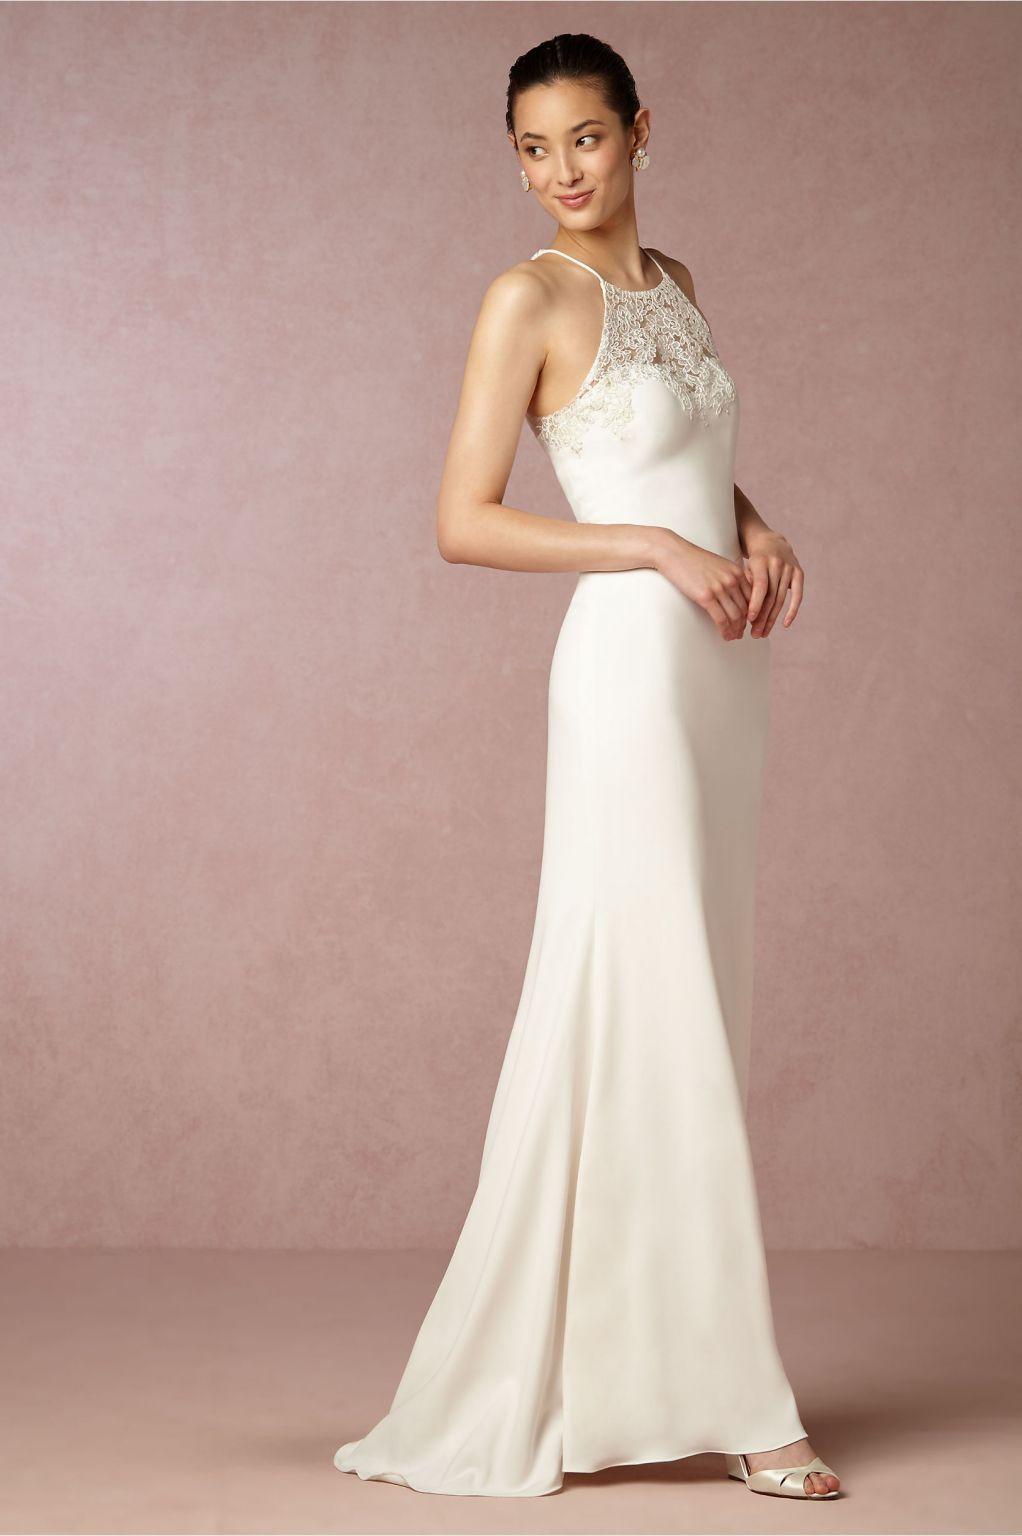 Miedoso Wedding Dresses Size 4 Ideas Ornamento Elaboración ...